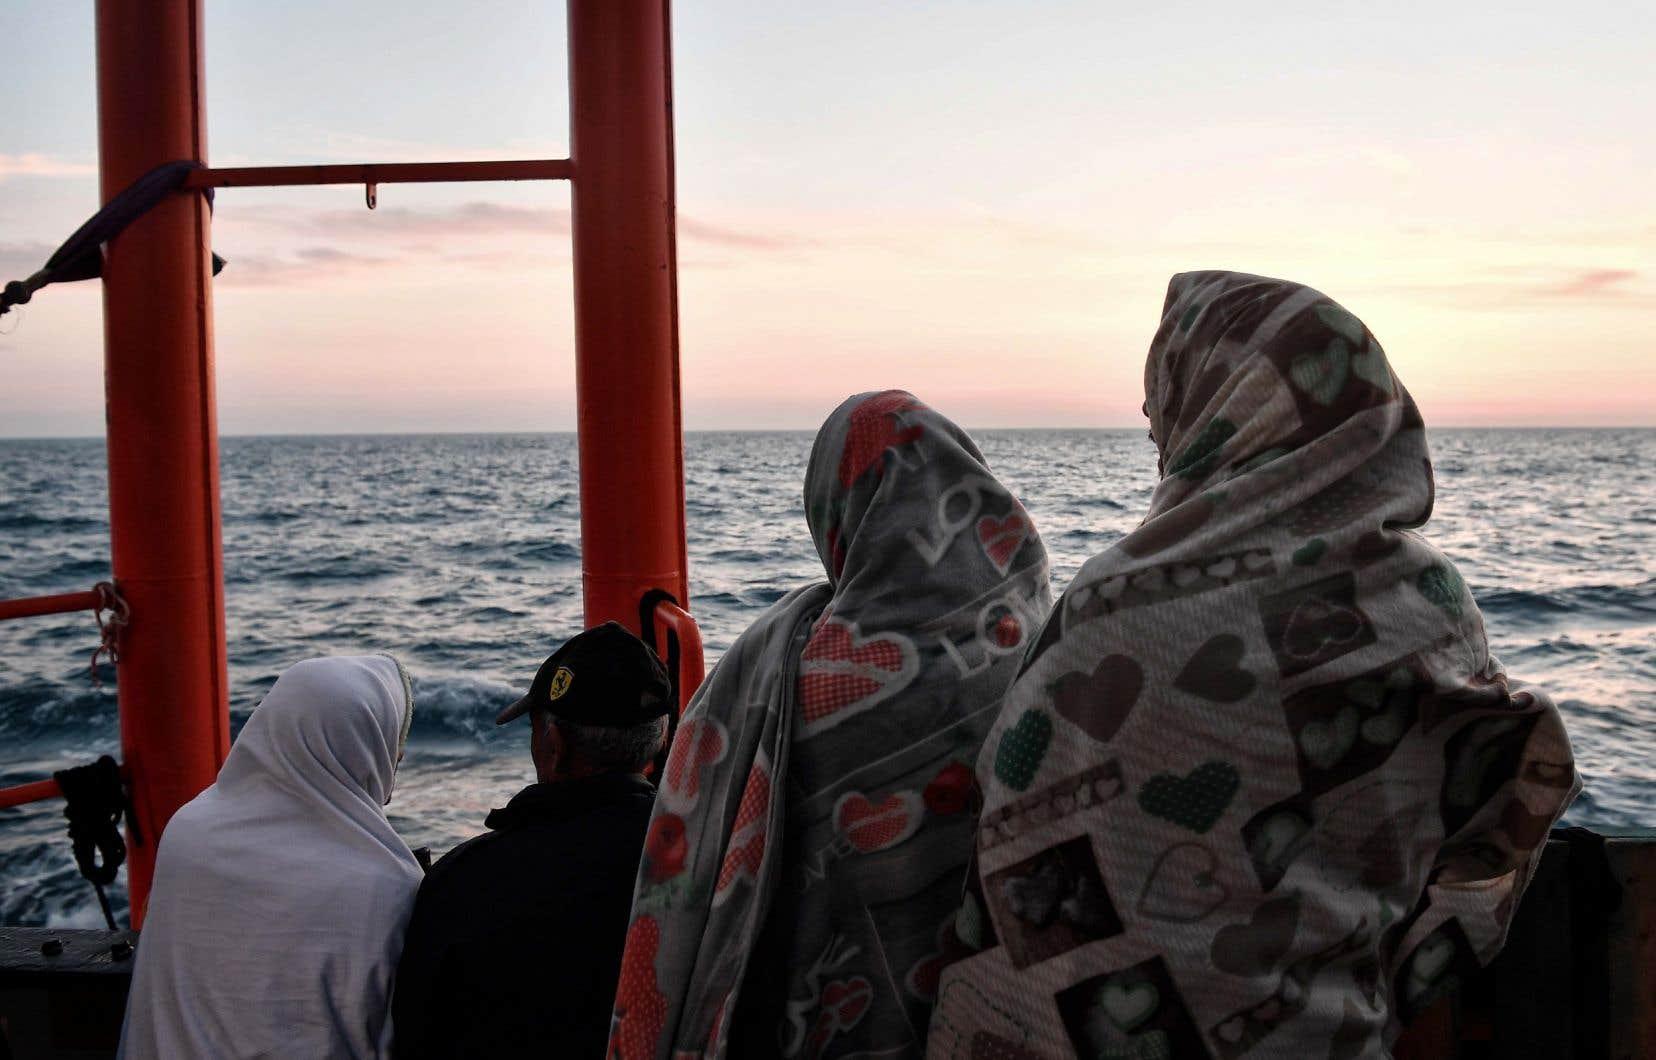 Un nouveau drame est survenu vendredi: trois bébés sont morts et une centaine de personnes sont portées disparues après le naufrage d'un canot pneumatique au large des côtes de la Libye.